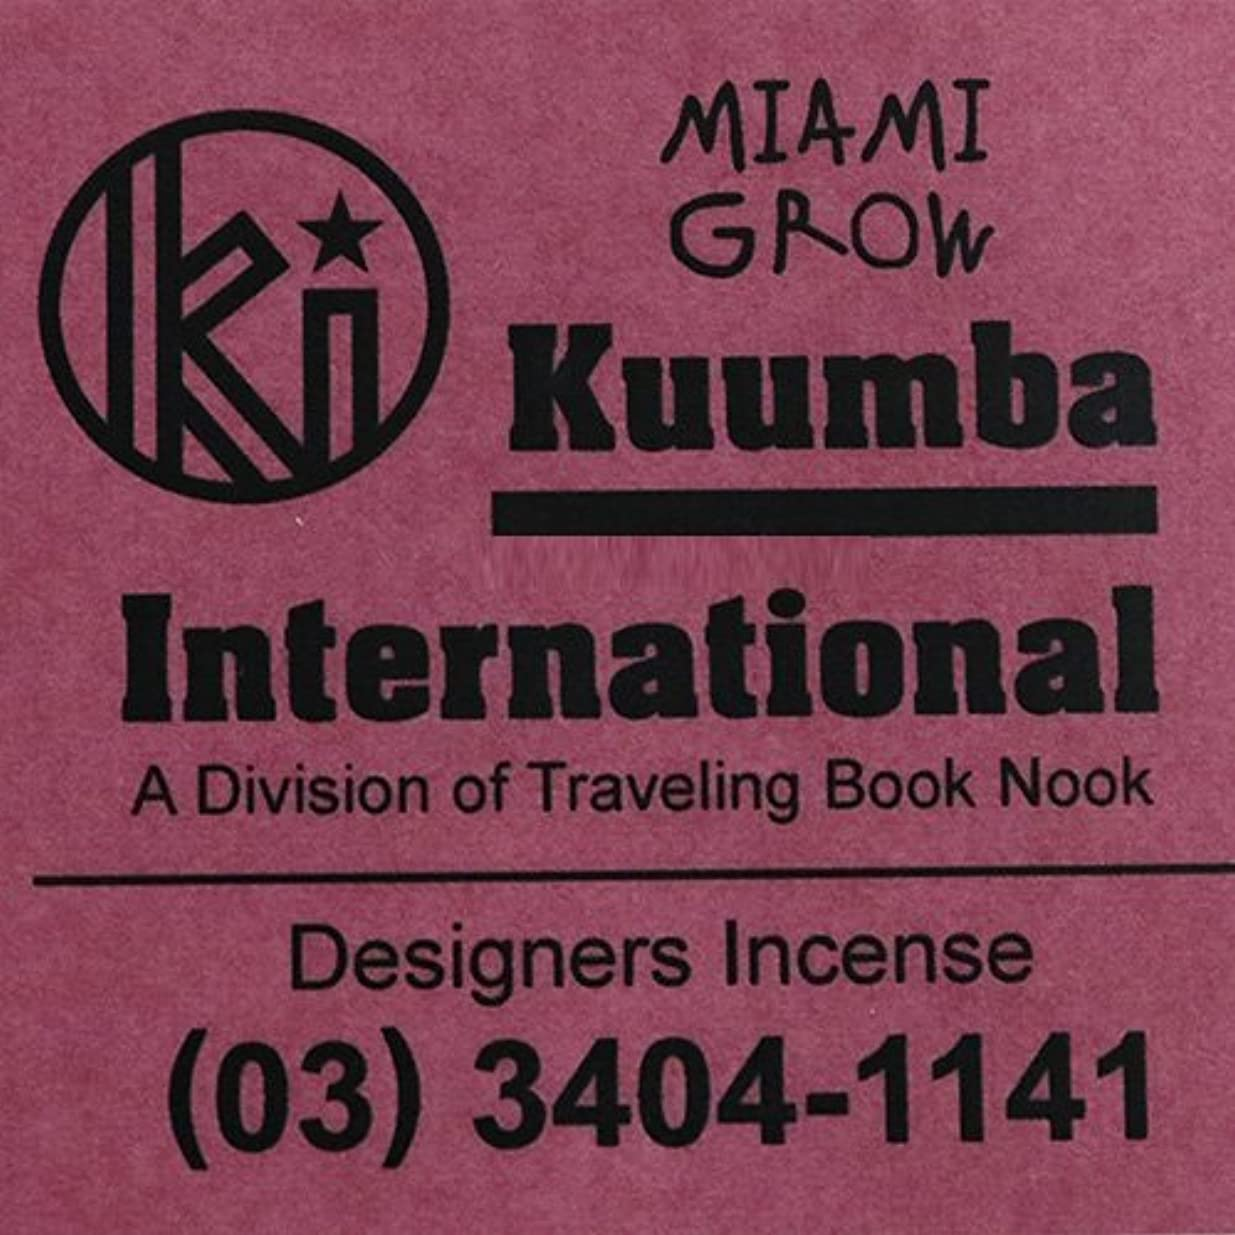 メッセージ珍しいプラカード(クンバ) KUUMBA『incense』(MIAMI GROW) (Regular size)